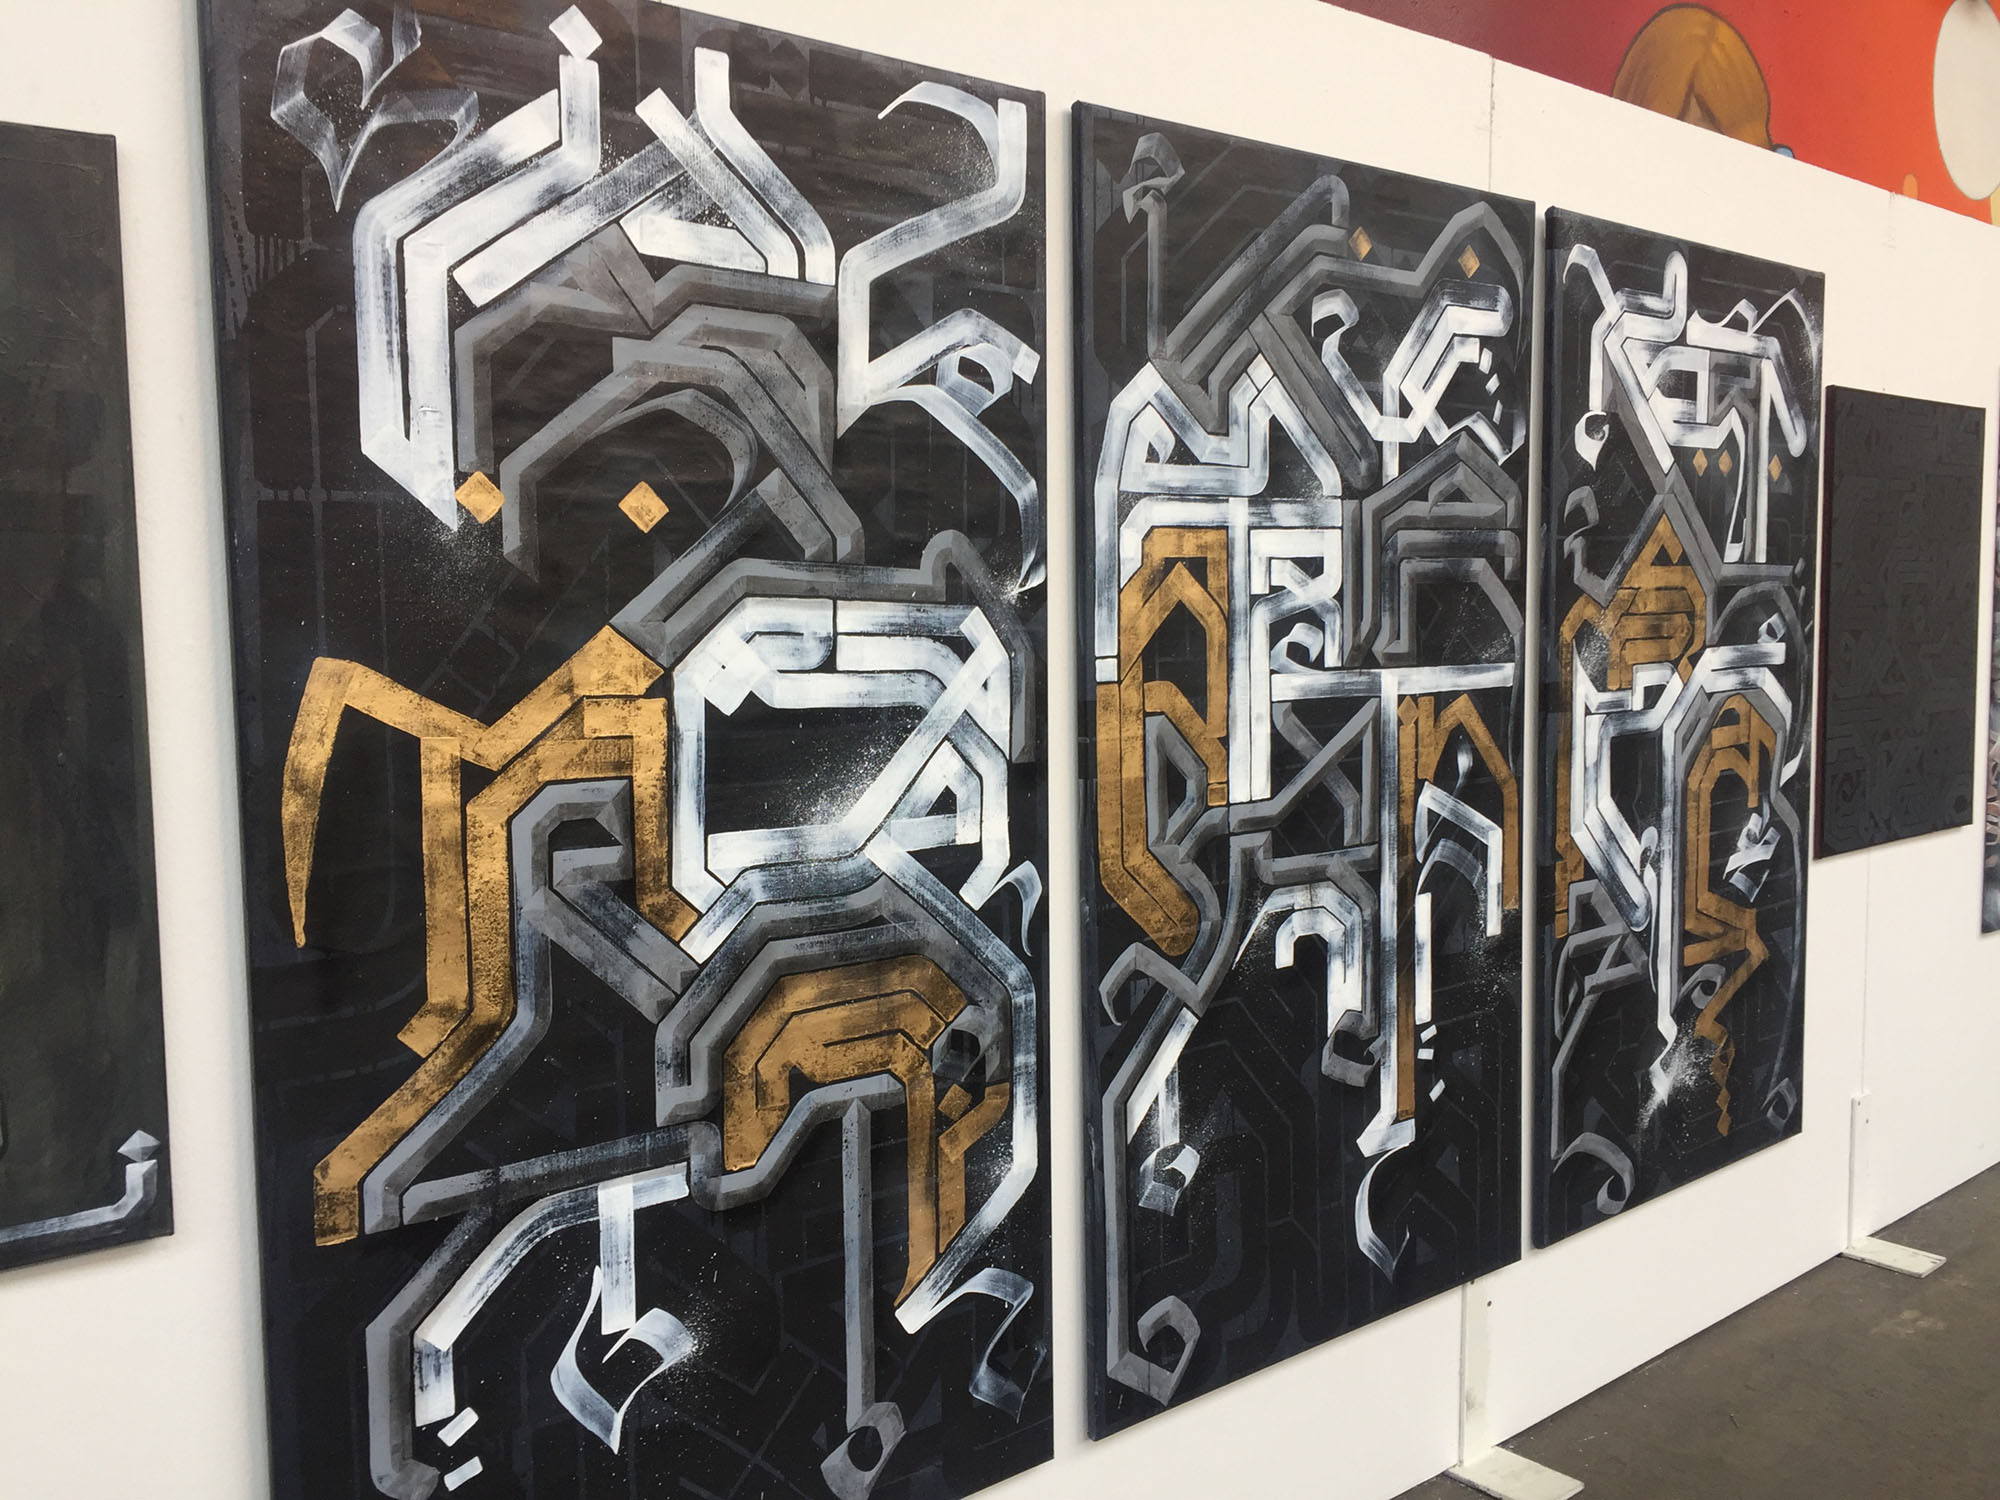 Coverage: Stroke Art Fair 2017 Artes & contextos Str 19